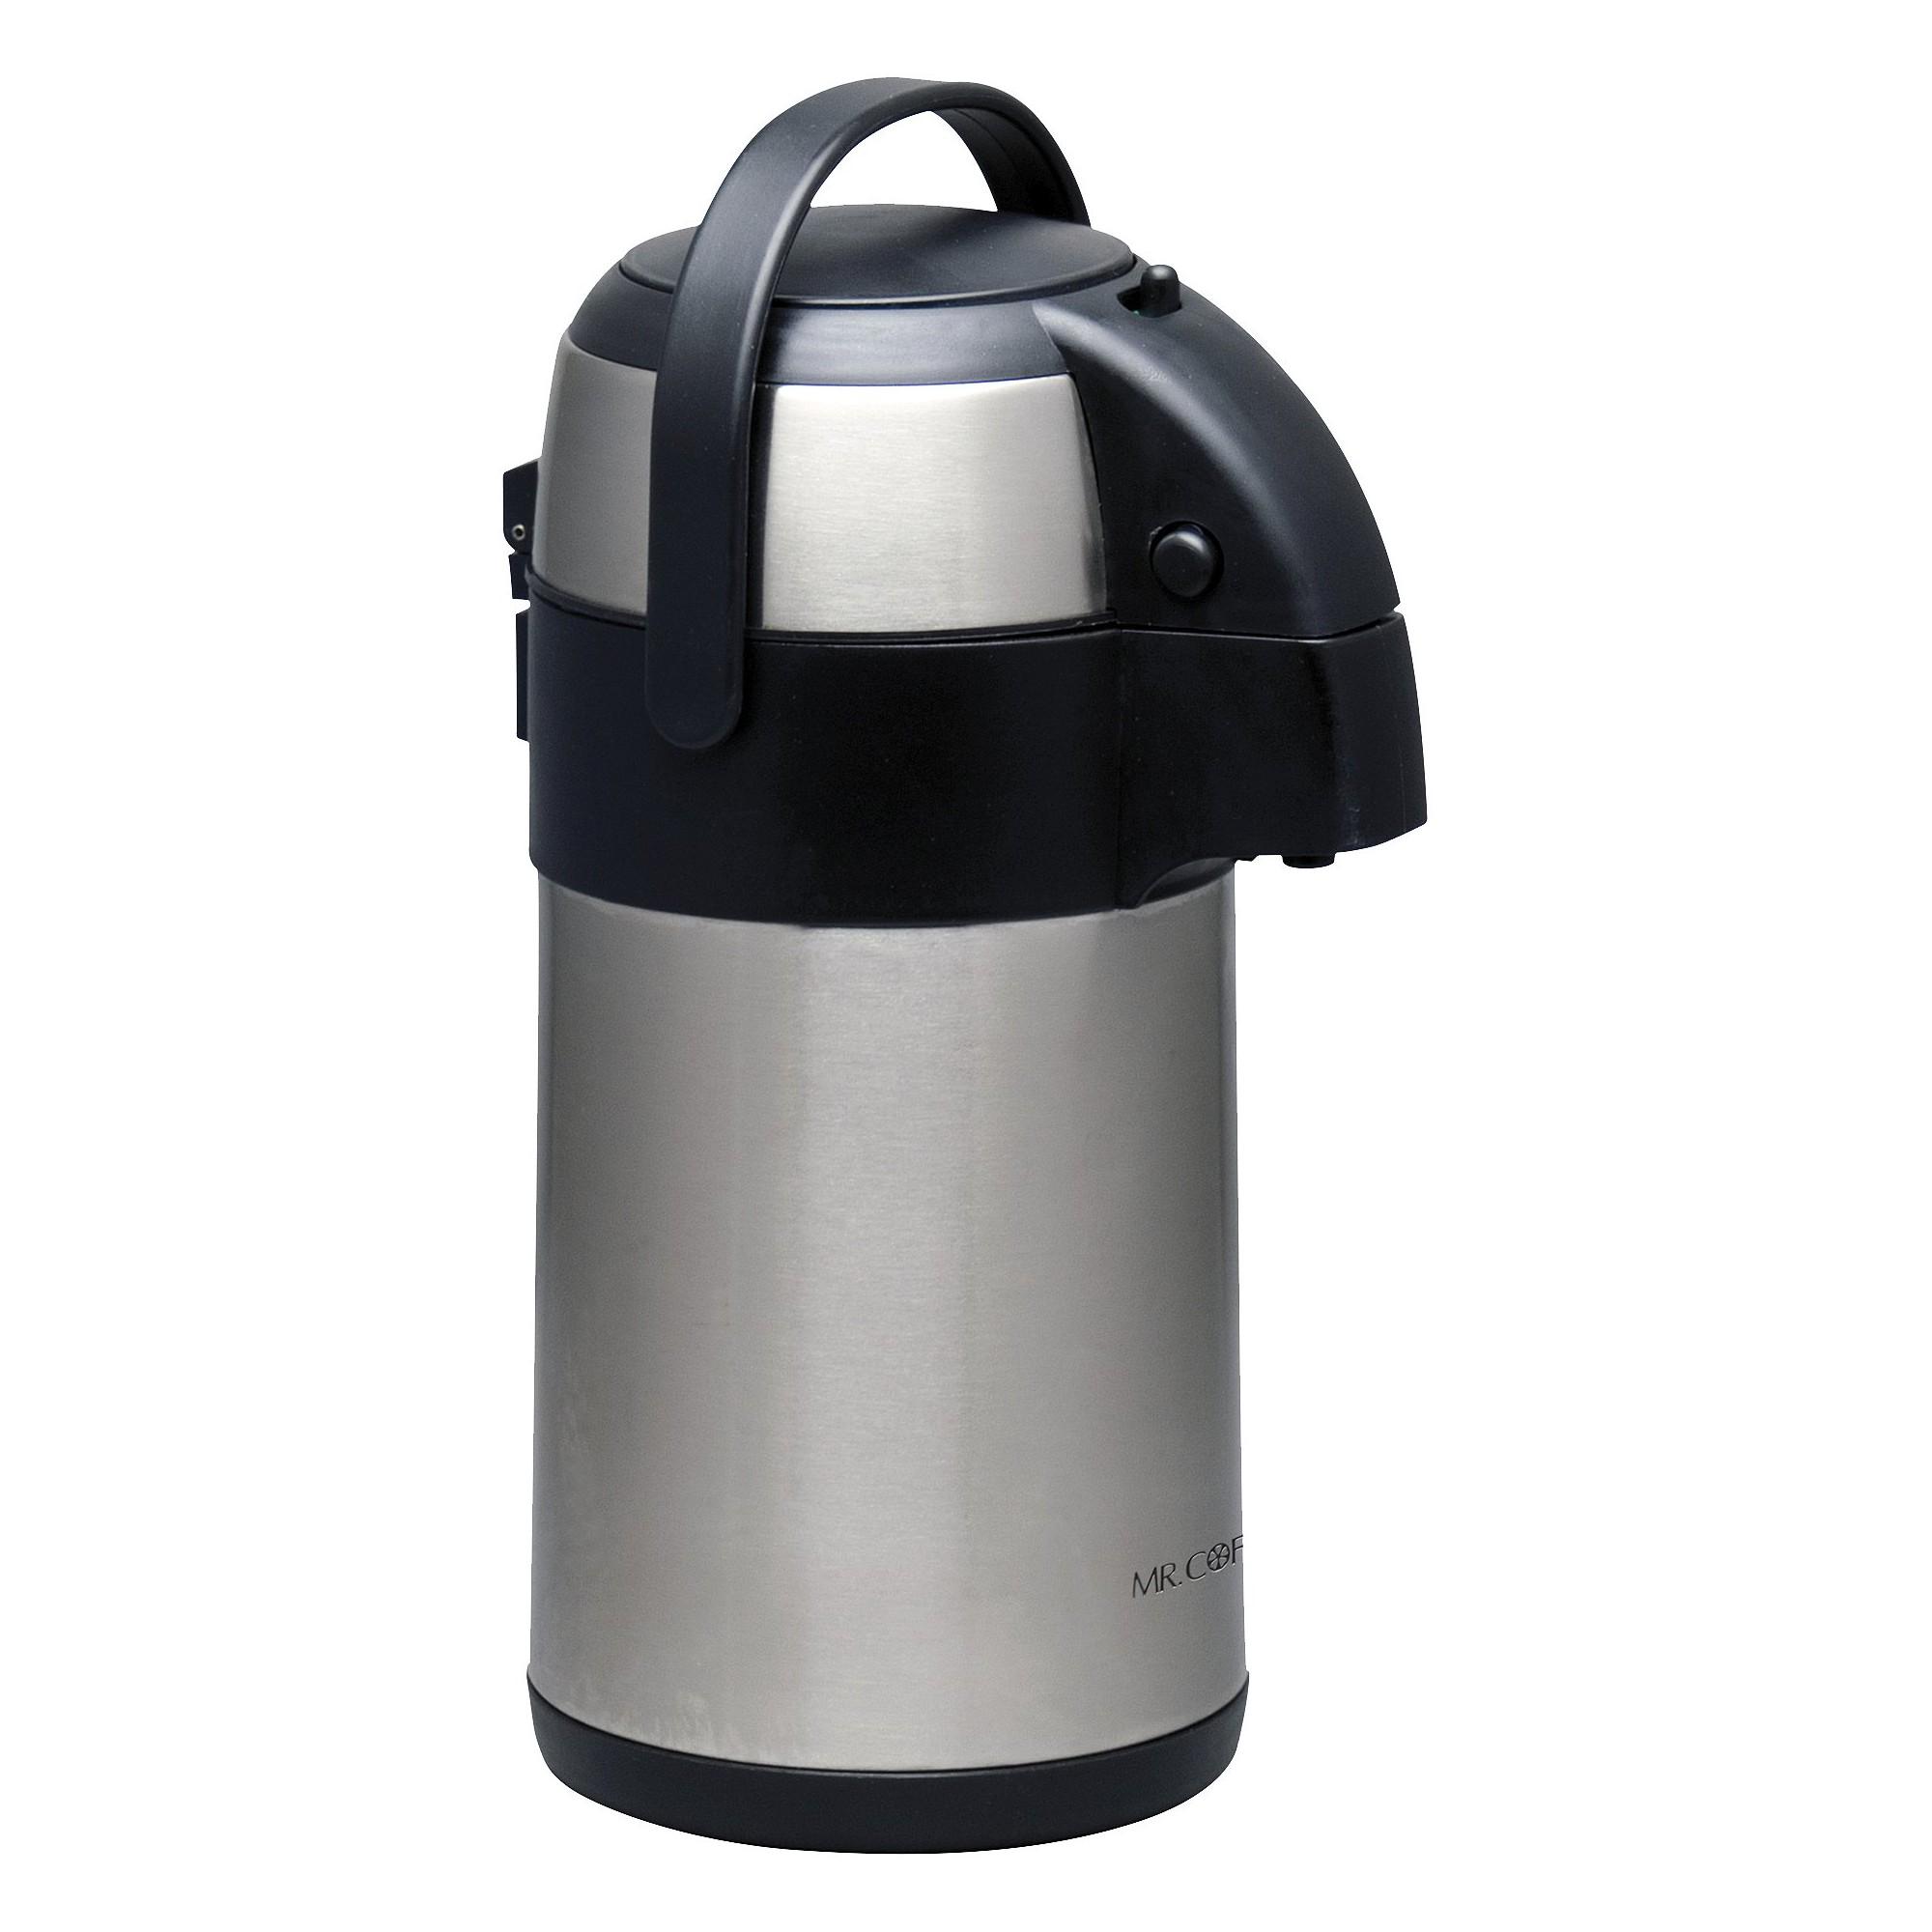 Mr. Coffee Pump Pot 2.3qt